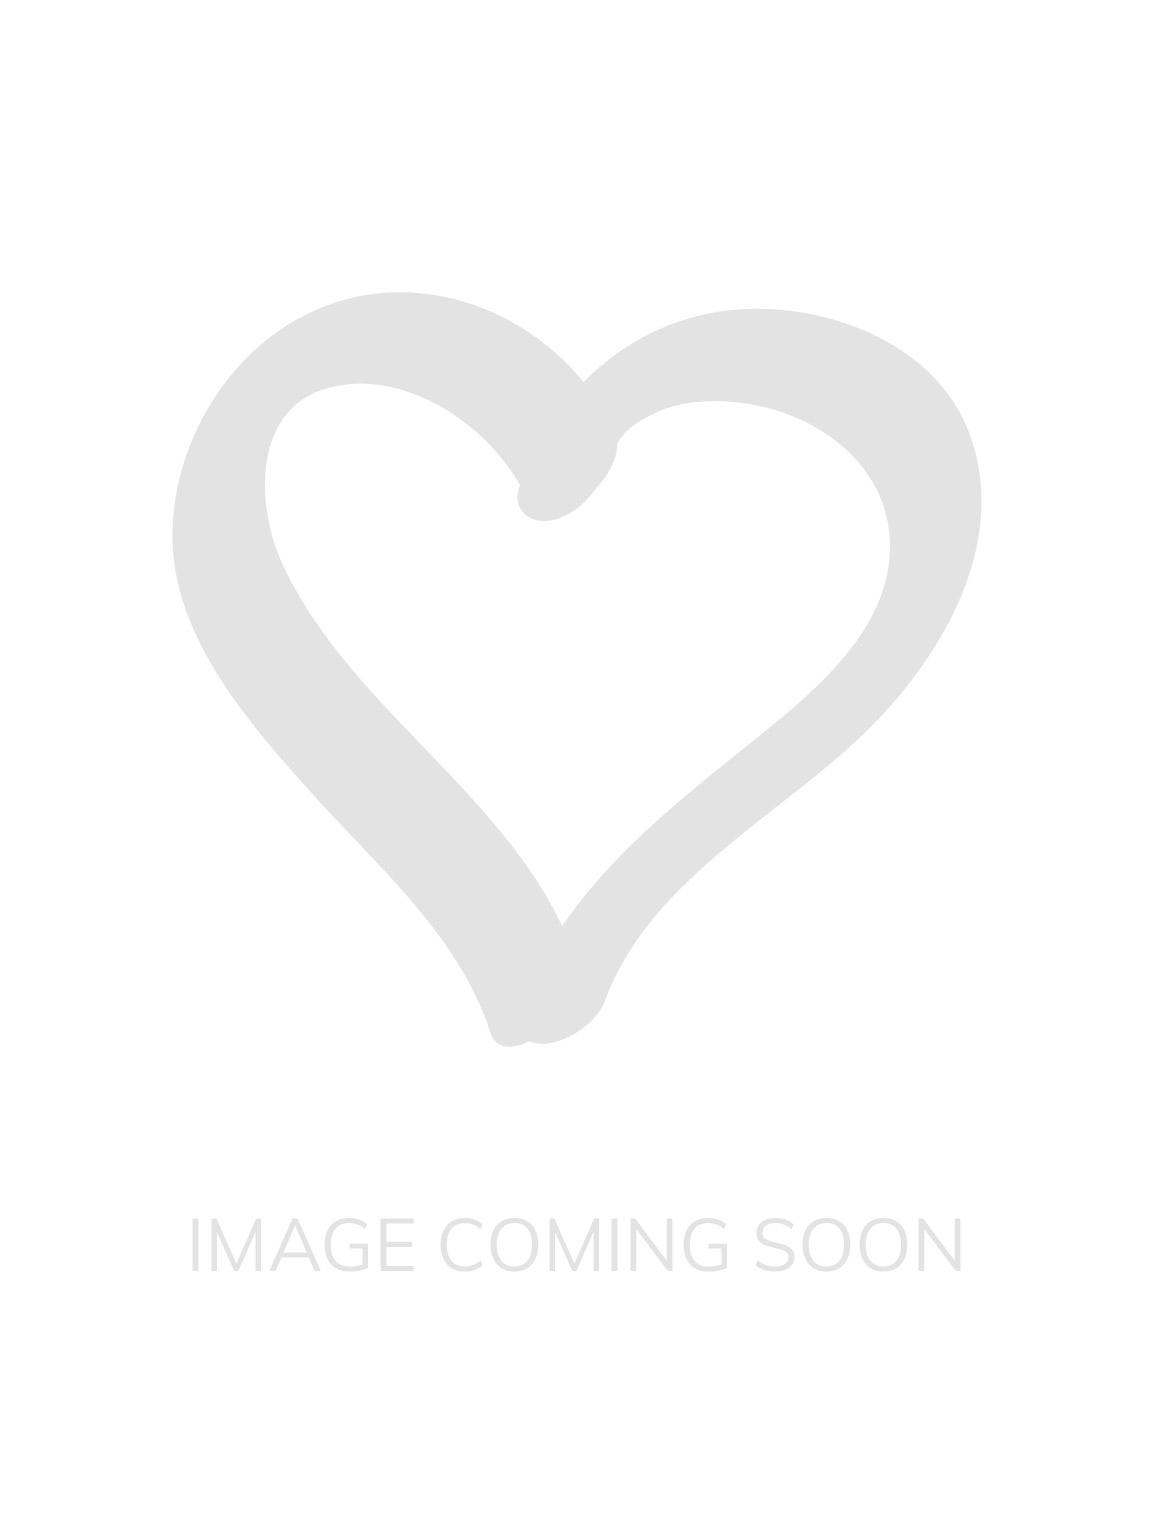 ae82f7ed0d10b Freya Soiree Lace Longline Bralette - Rouge